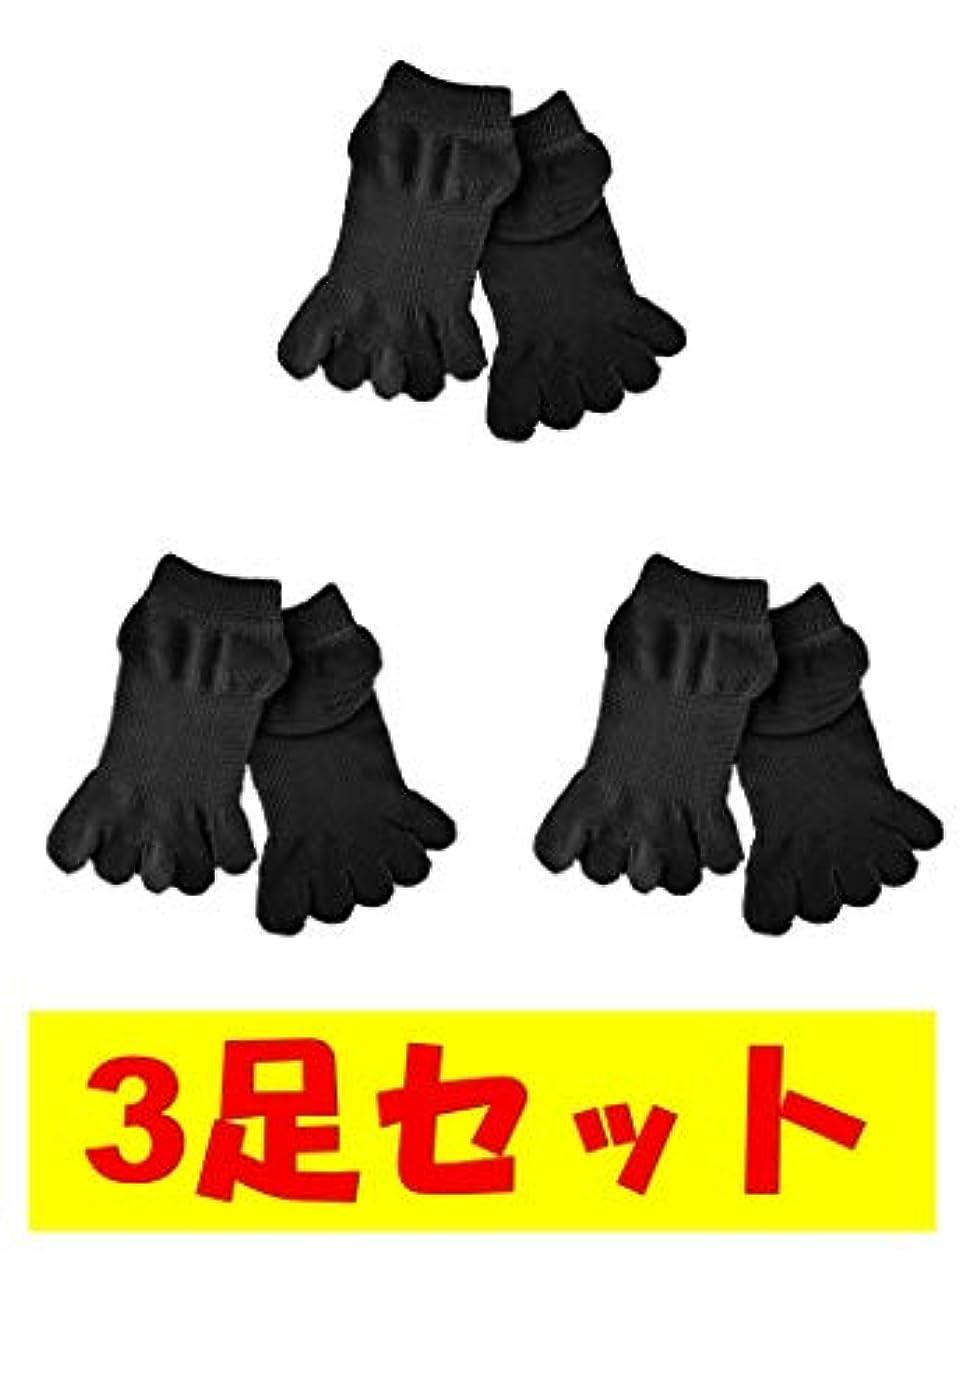 懐疑的関係ない安全性お買い得3足セット 5本指 ゆびのばソックス ゆびのば アンクル ブラック Mサイズ 25.0cm-27.5cm YSANKL-BLK